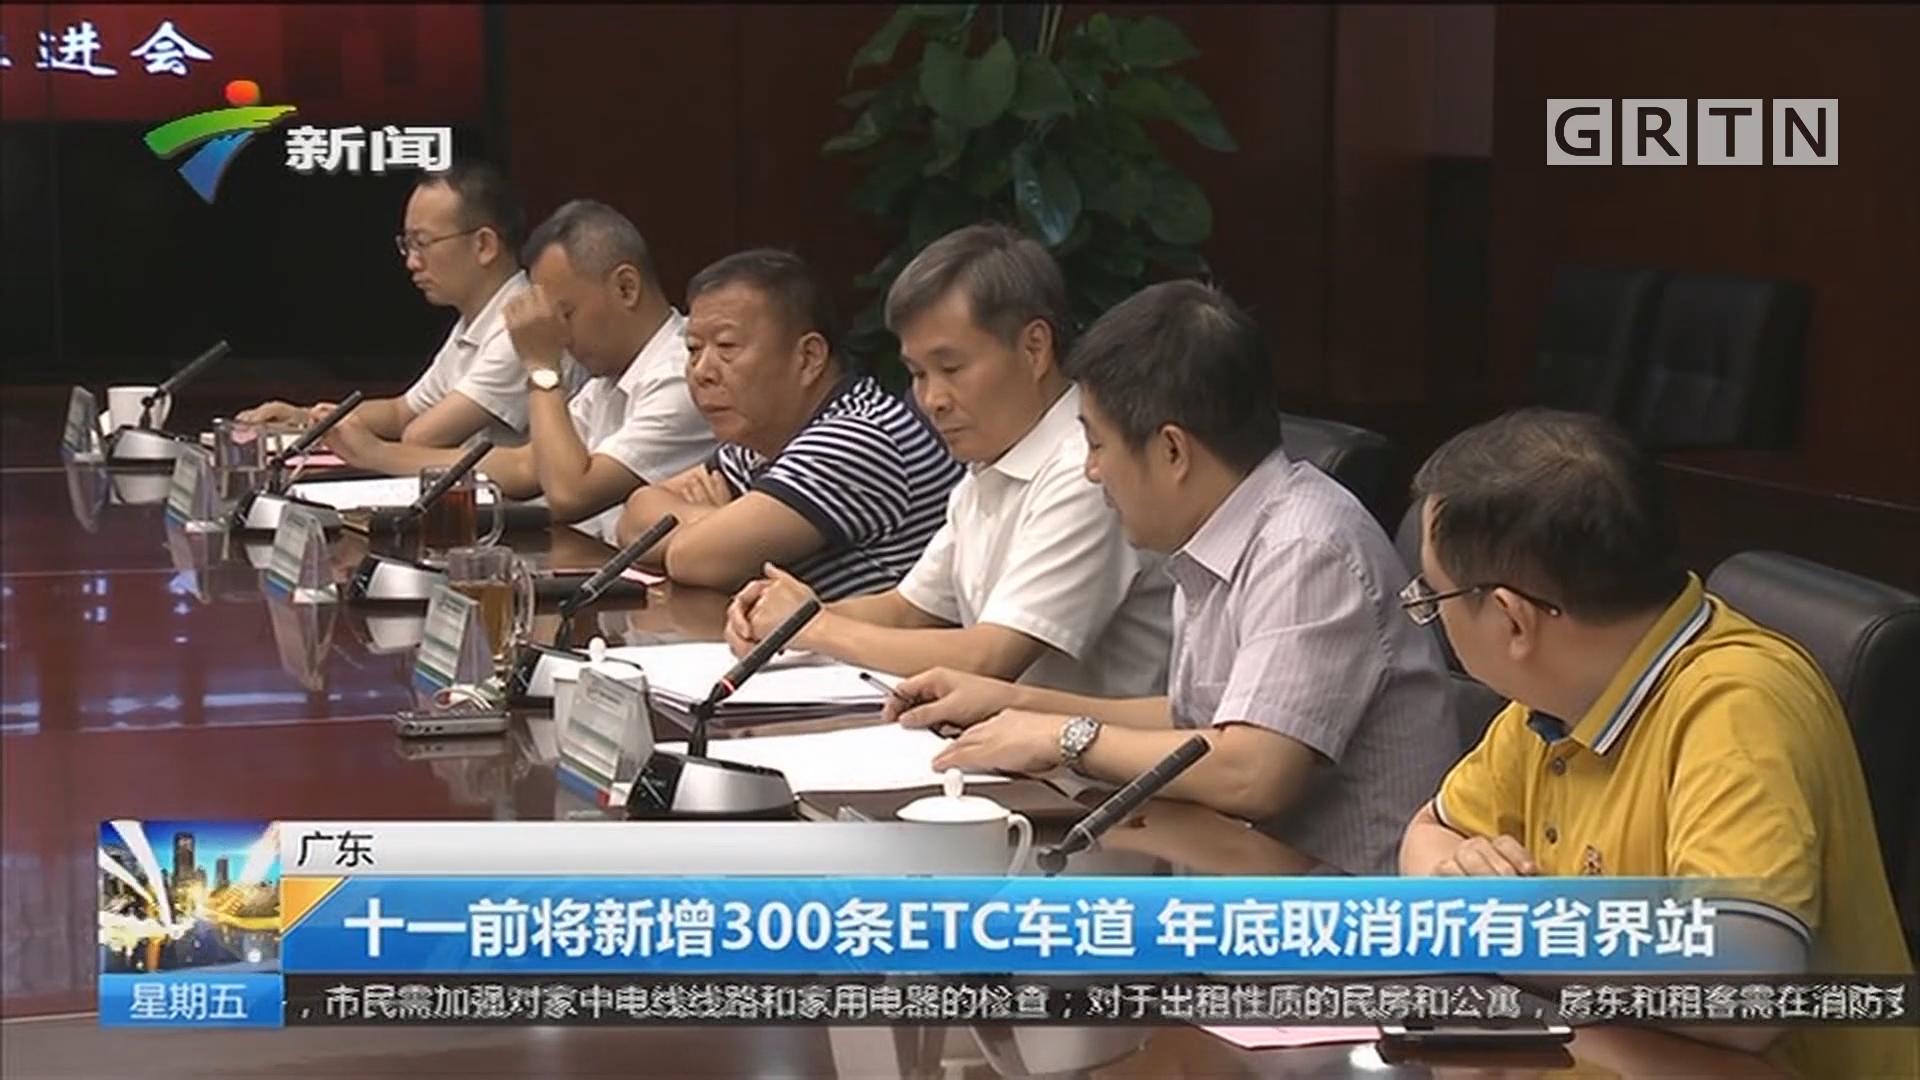 广东 十一前将新增300条ETC车道 年底取消所有省界站